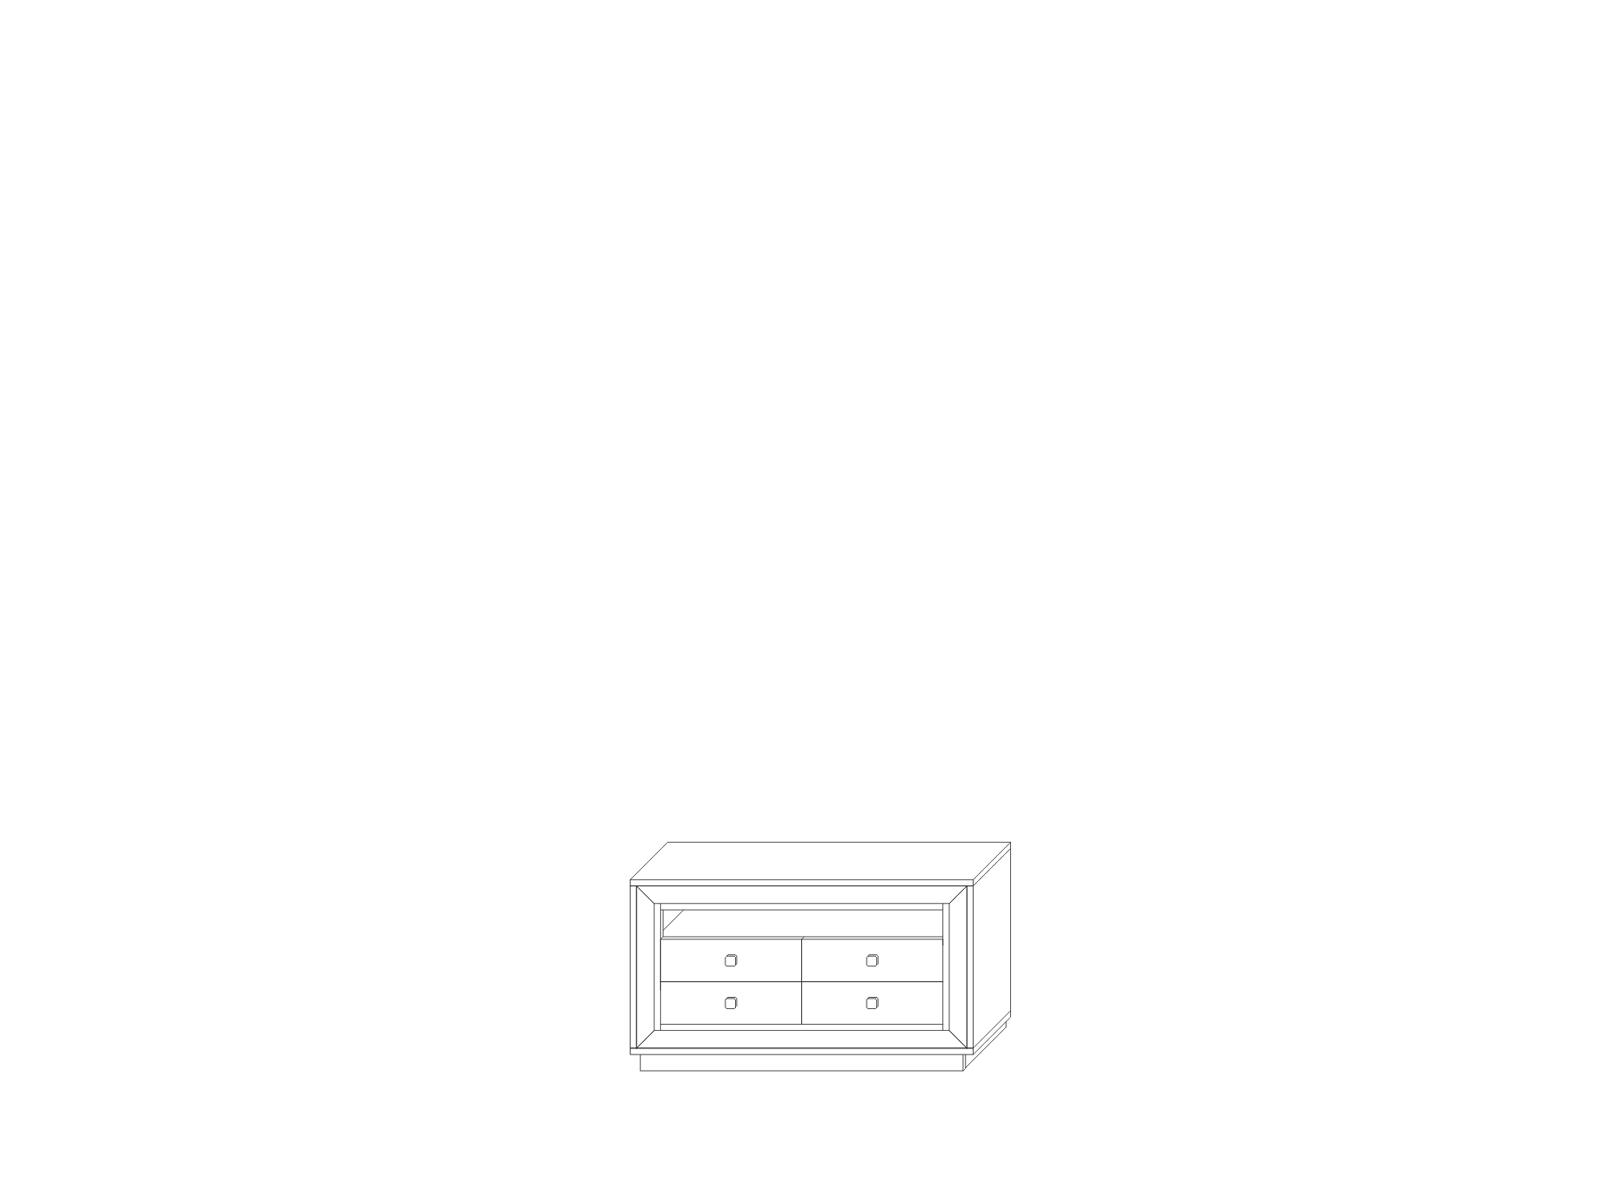 Тумба для аппаратуры 1364 (4 ящика) «Прато» Кураж